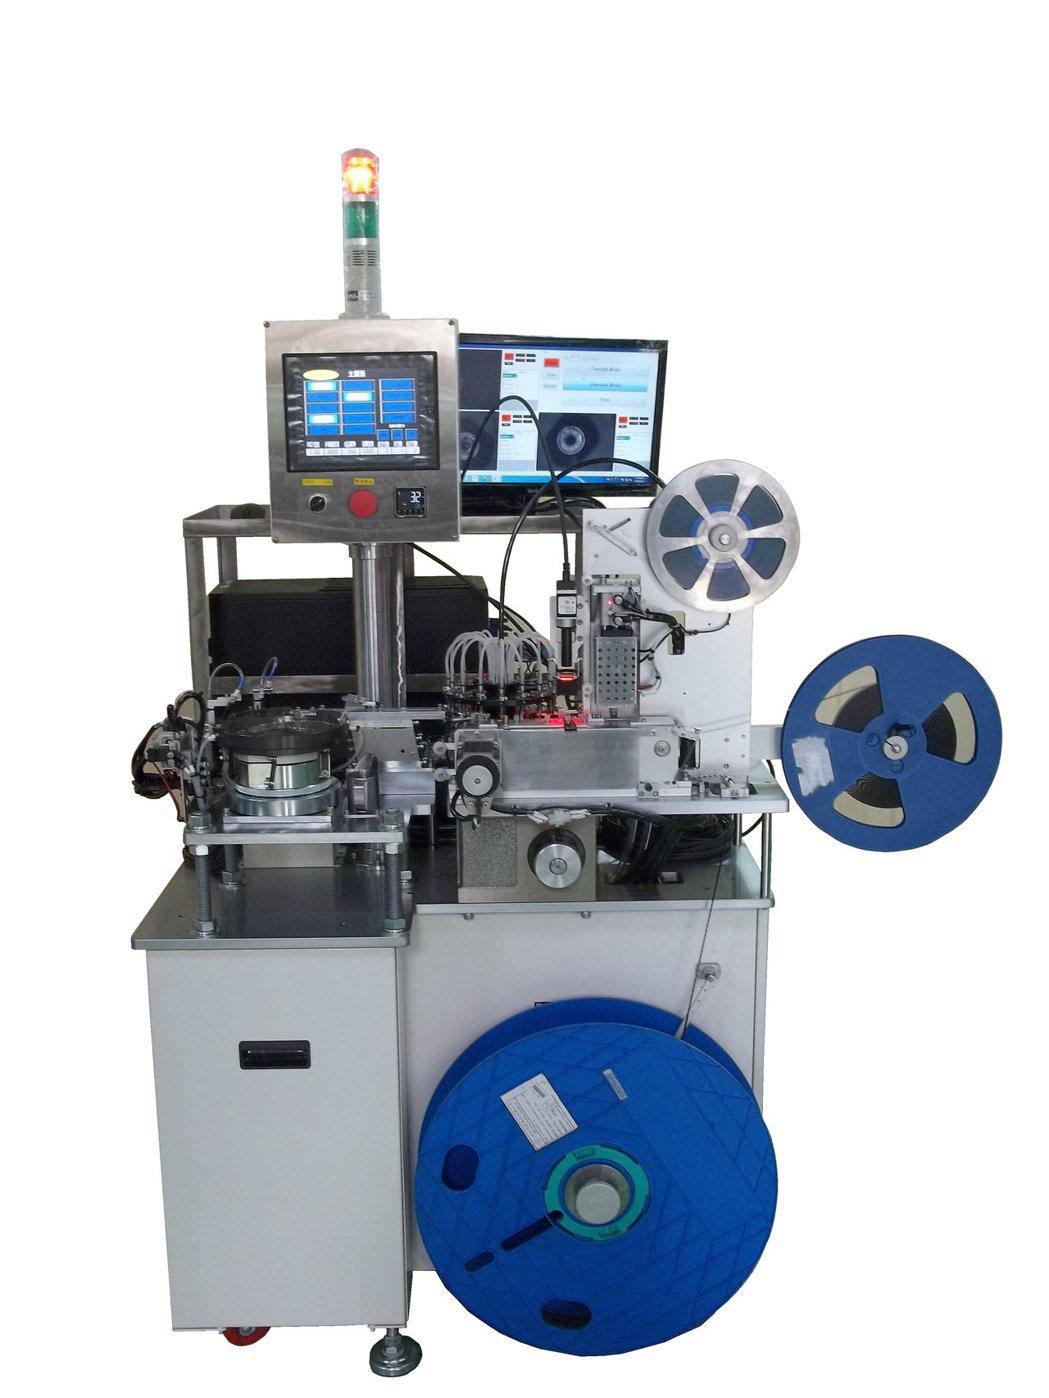 視覺檢查自動封包機專門設計用於電子產業,零件微小晶片需檢測正反向良品及不良品,特...